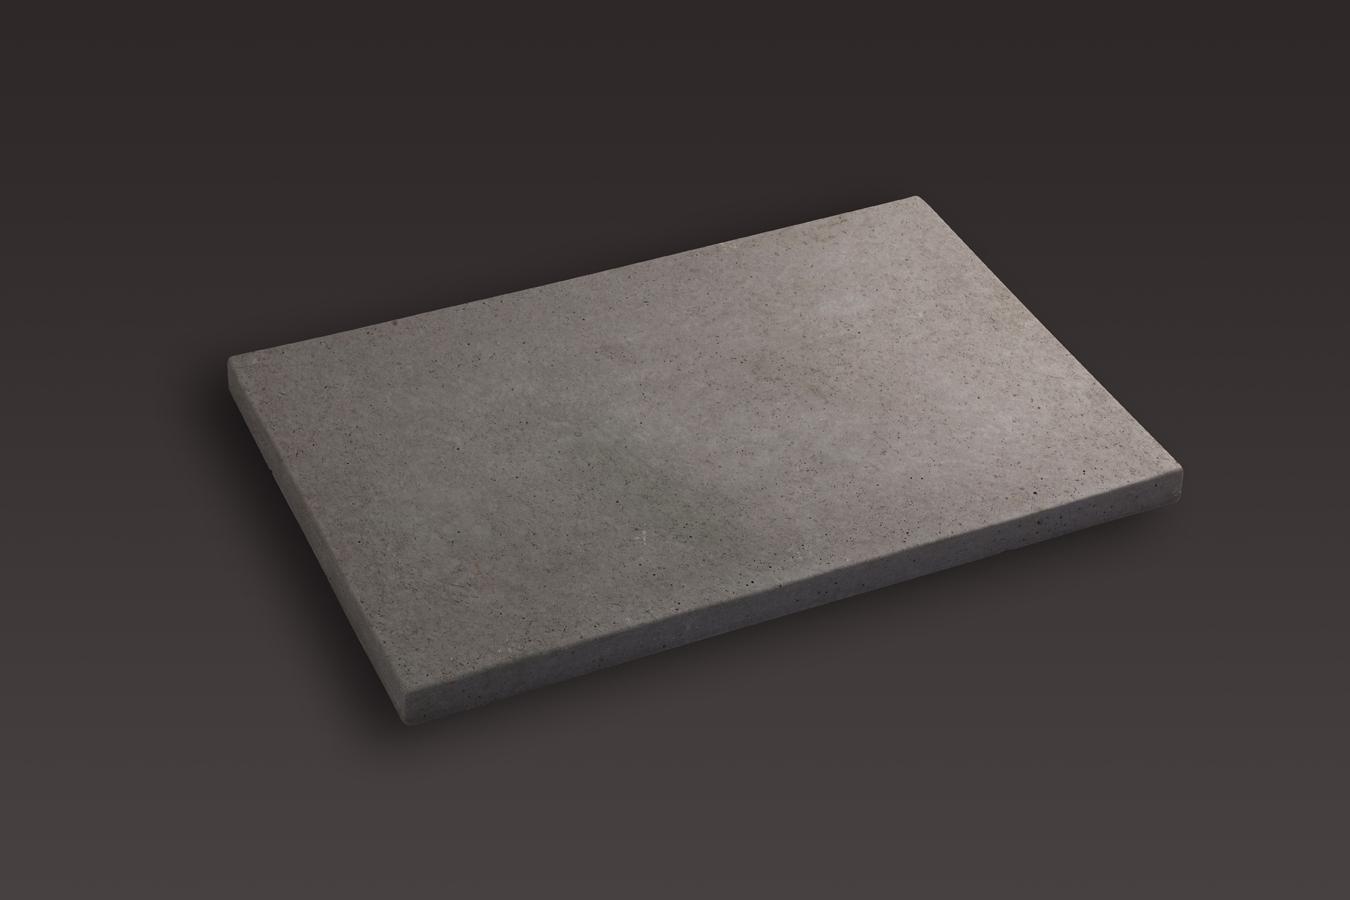 Dalle rectangulaire lisse 60x40x3 bmop - Pas japonais rectangulaire ...